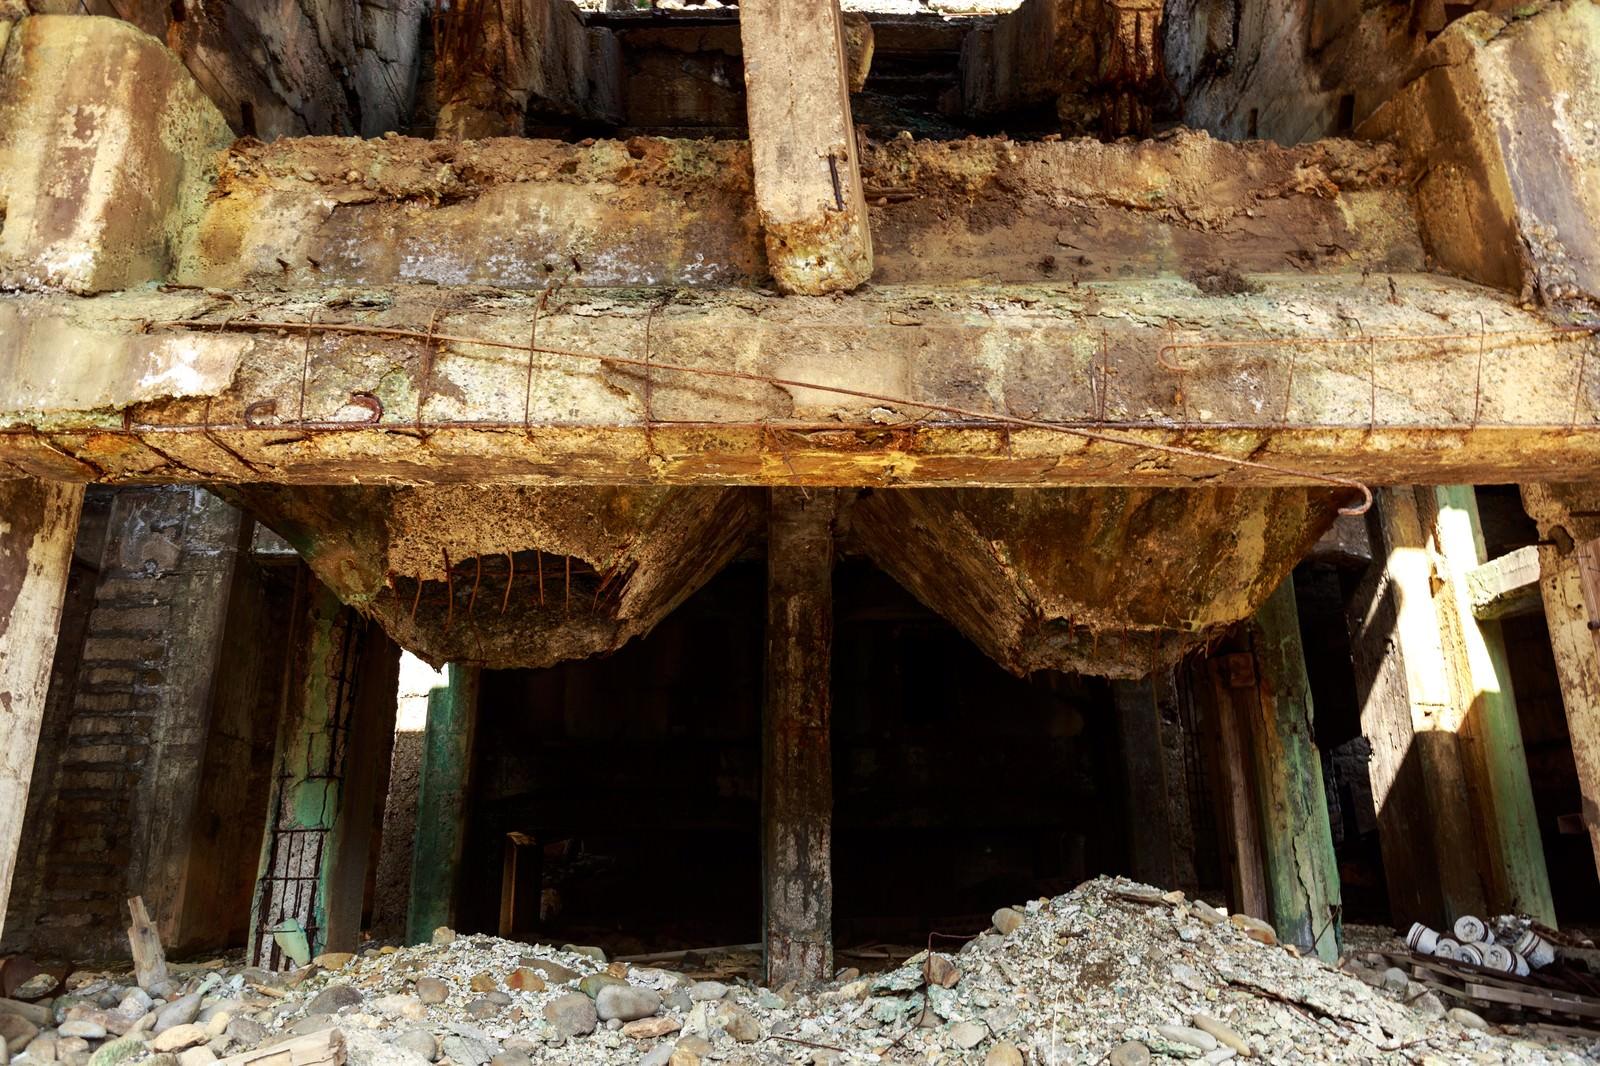 「鉄骨と骨組みがむき出しの廃墟」の写真